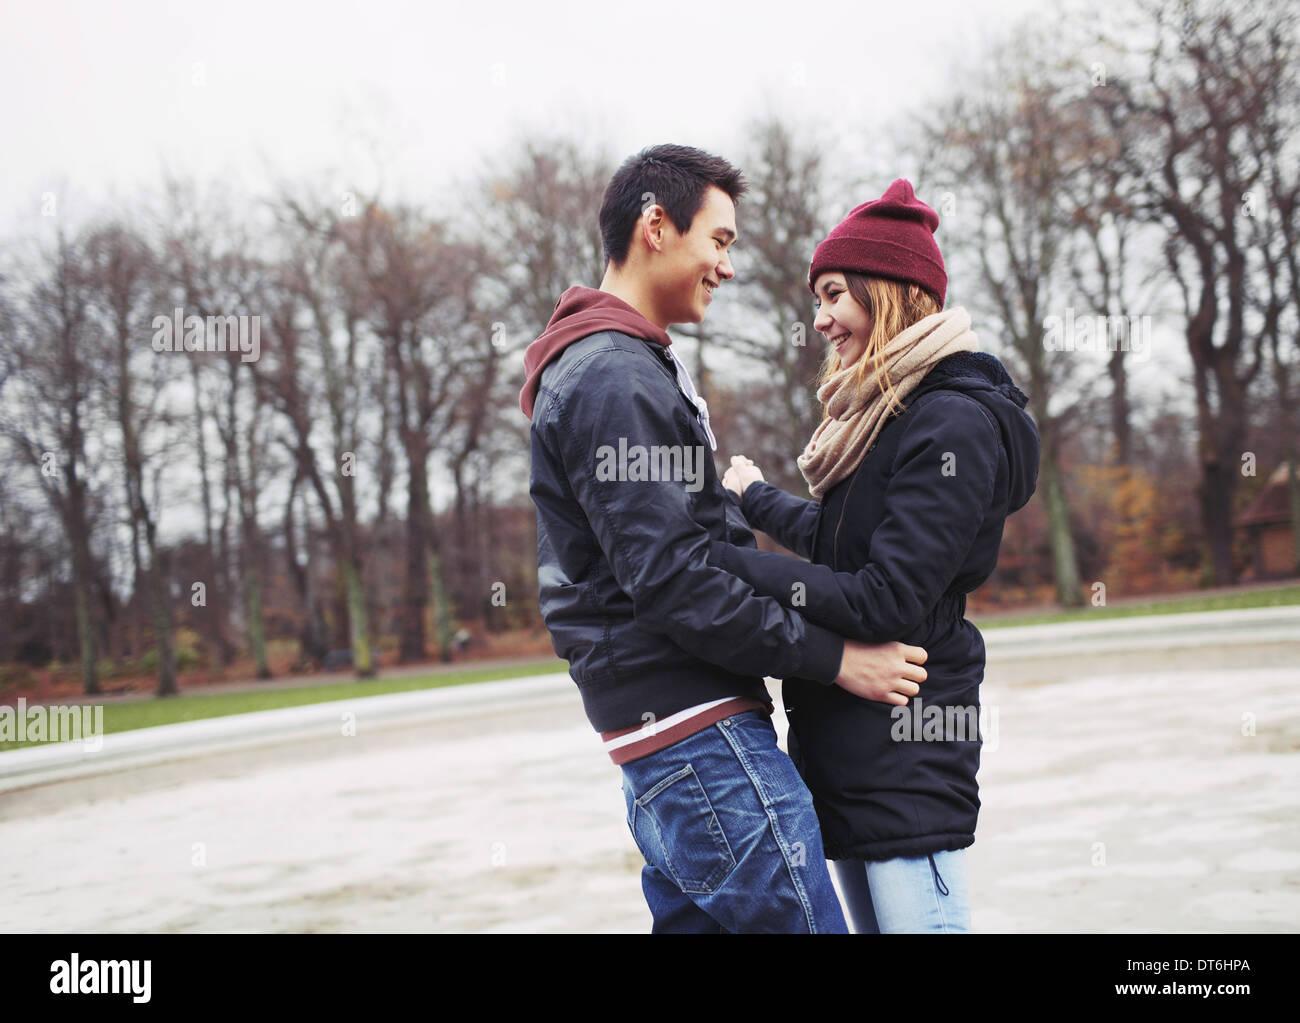 Hübscher junger Mann und schöne Frau, die zusammen sahen einander Lächeln auf den Lippen. Teenager Mischlinge paar in der Liebe Stockbild